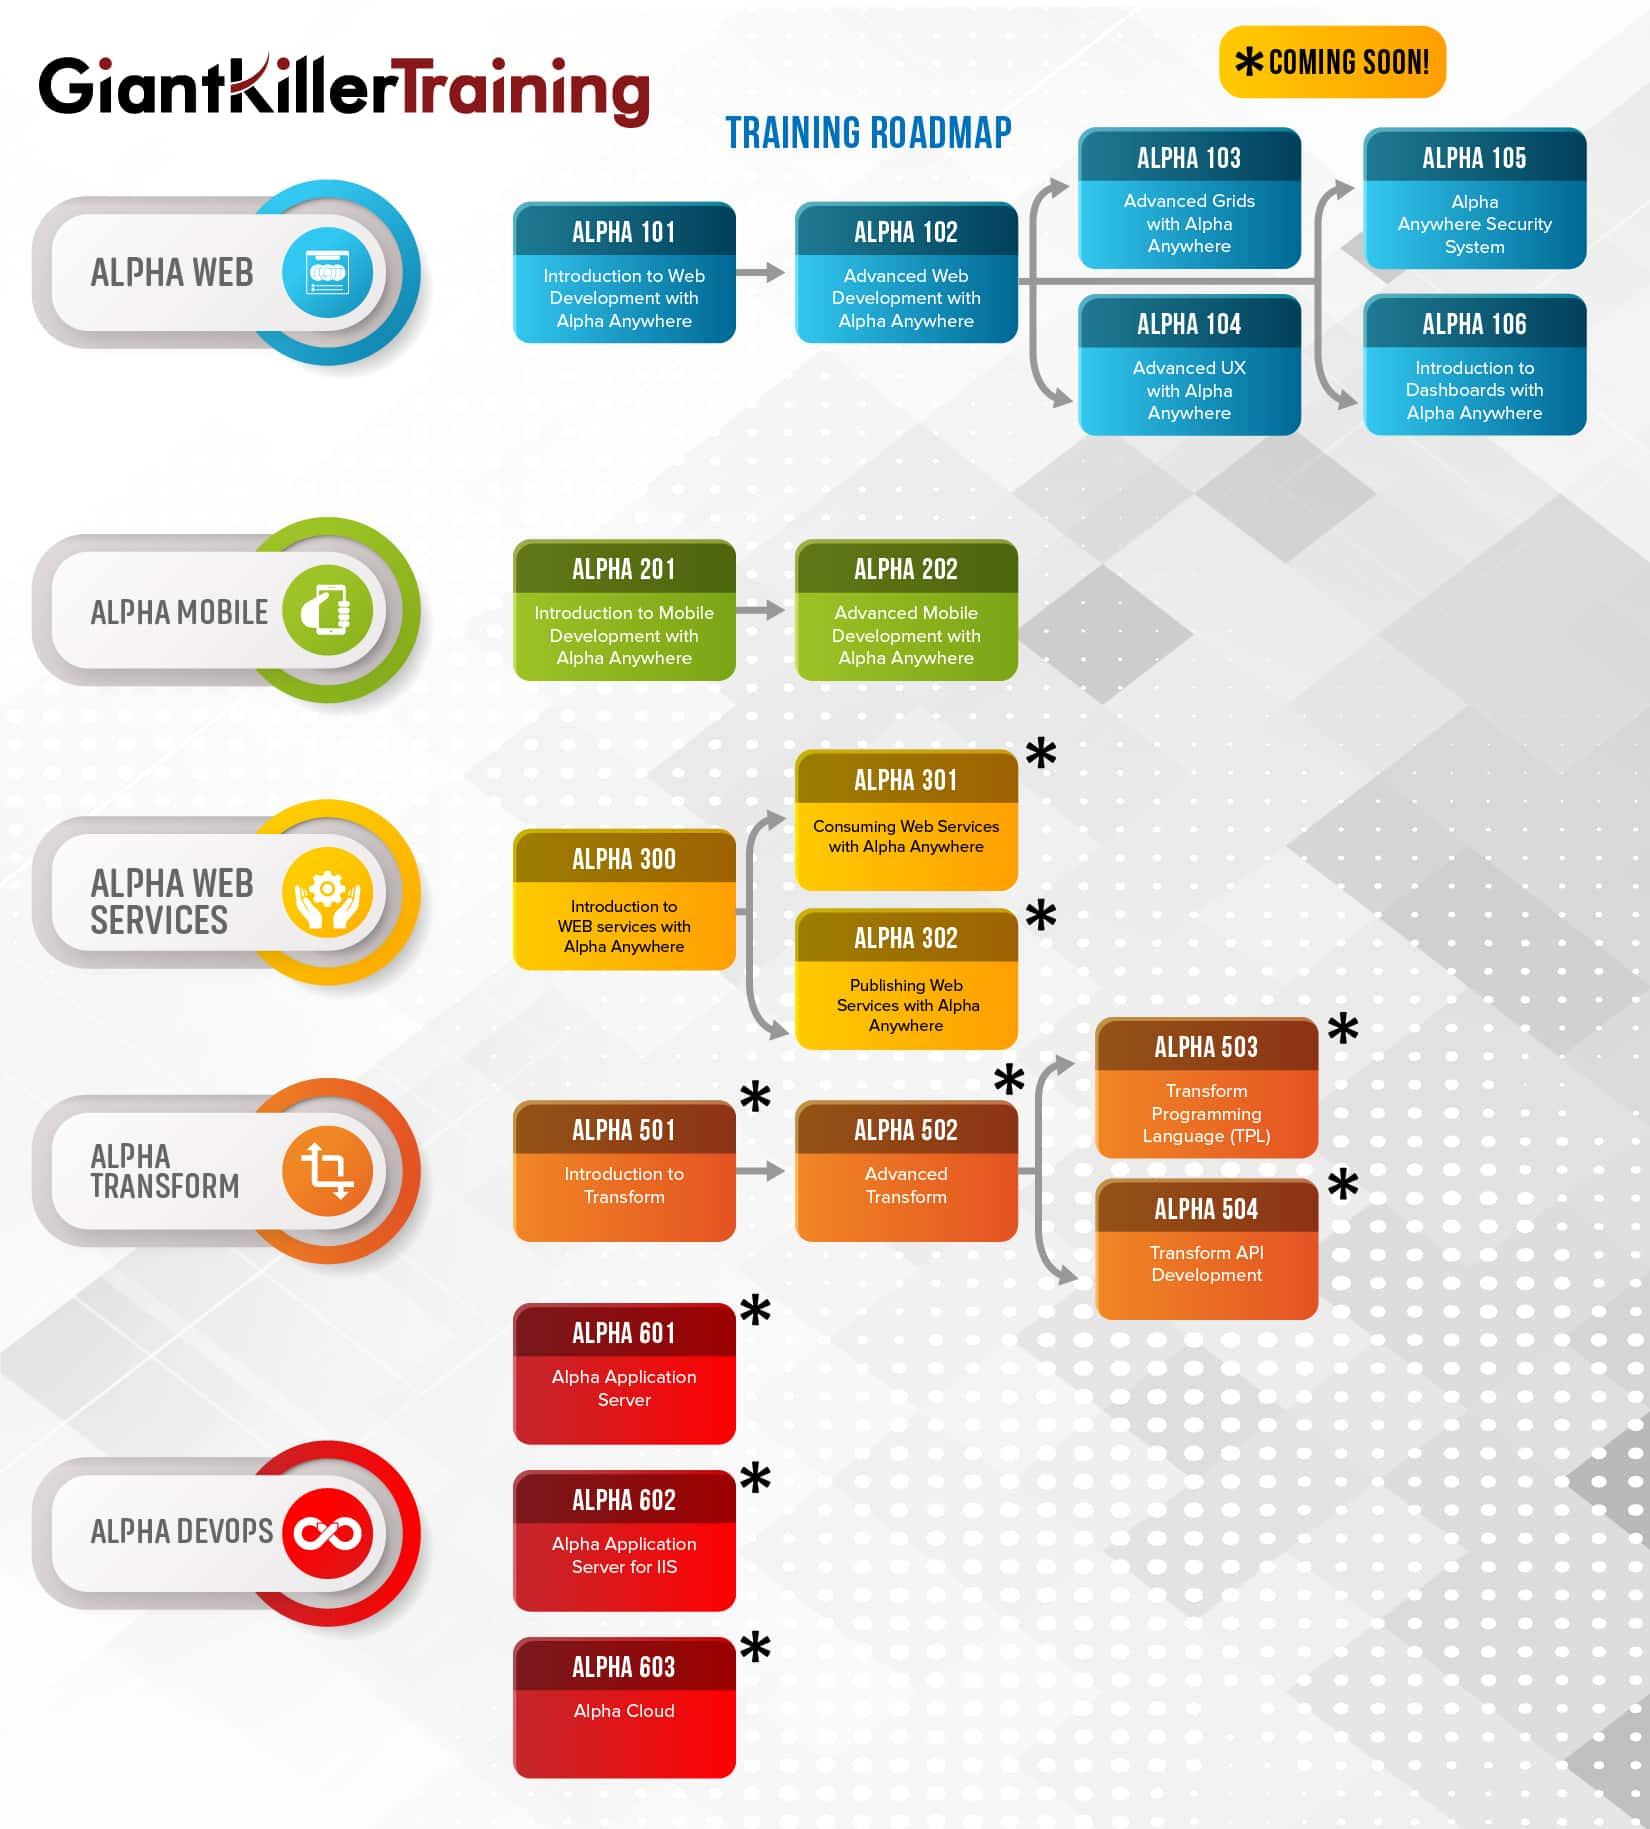 GiantKillerTraining Roadmap